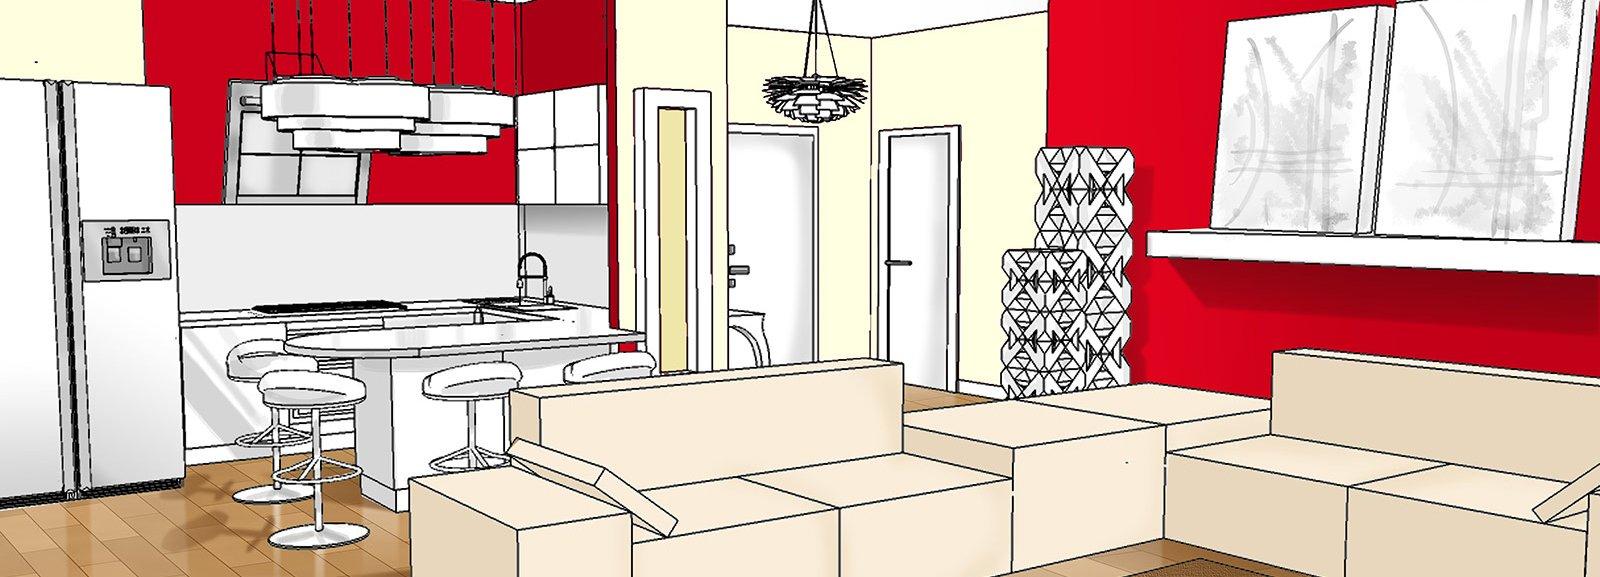 Idee Lampadari Soggiorno : Ingresso aperto sul soggiorno. Idee da ...